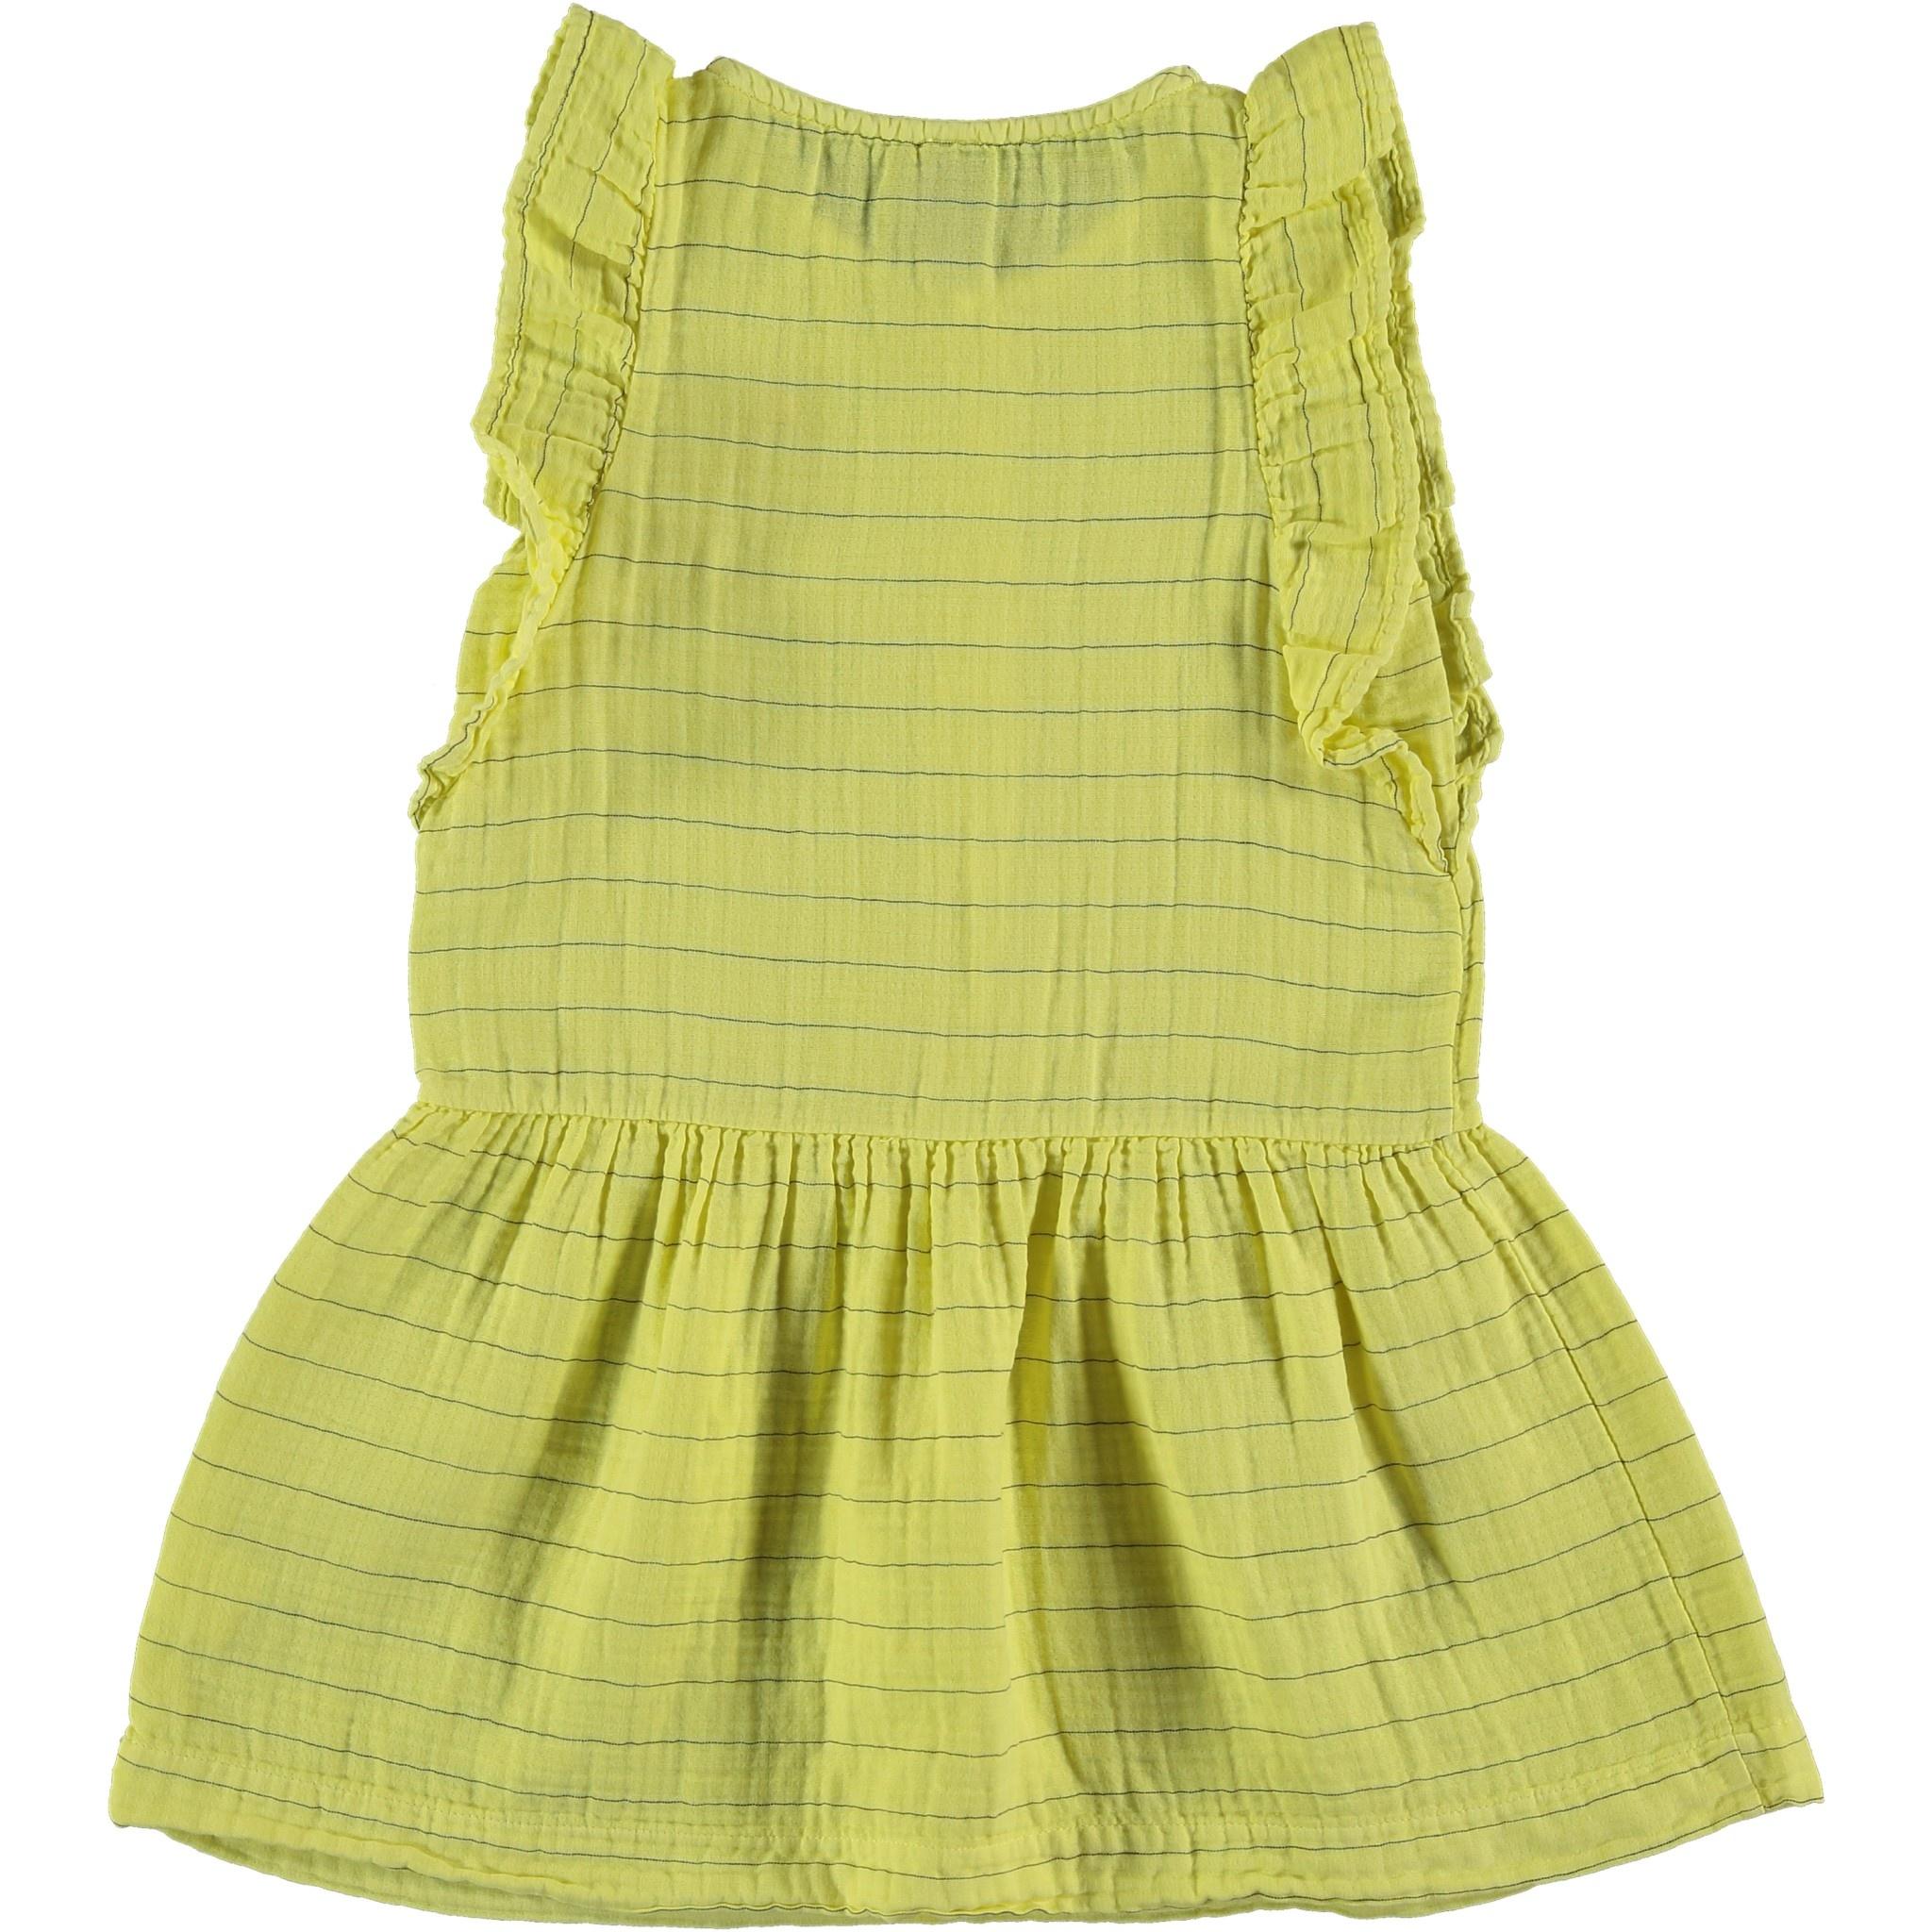 Dress frill stripes dot sunshine yellow-4